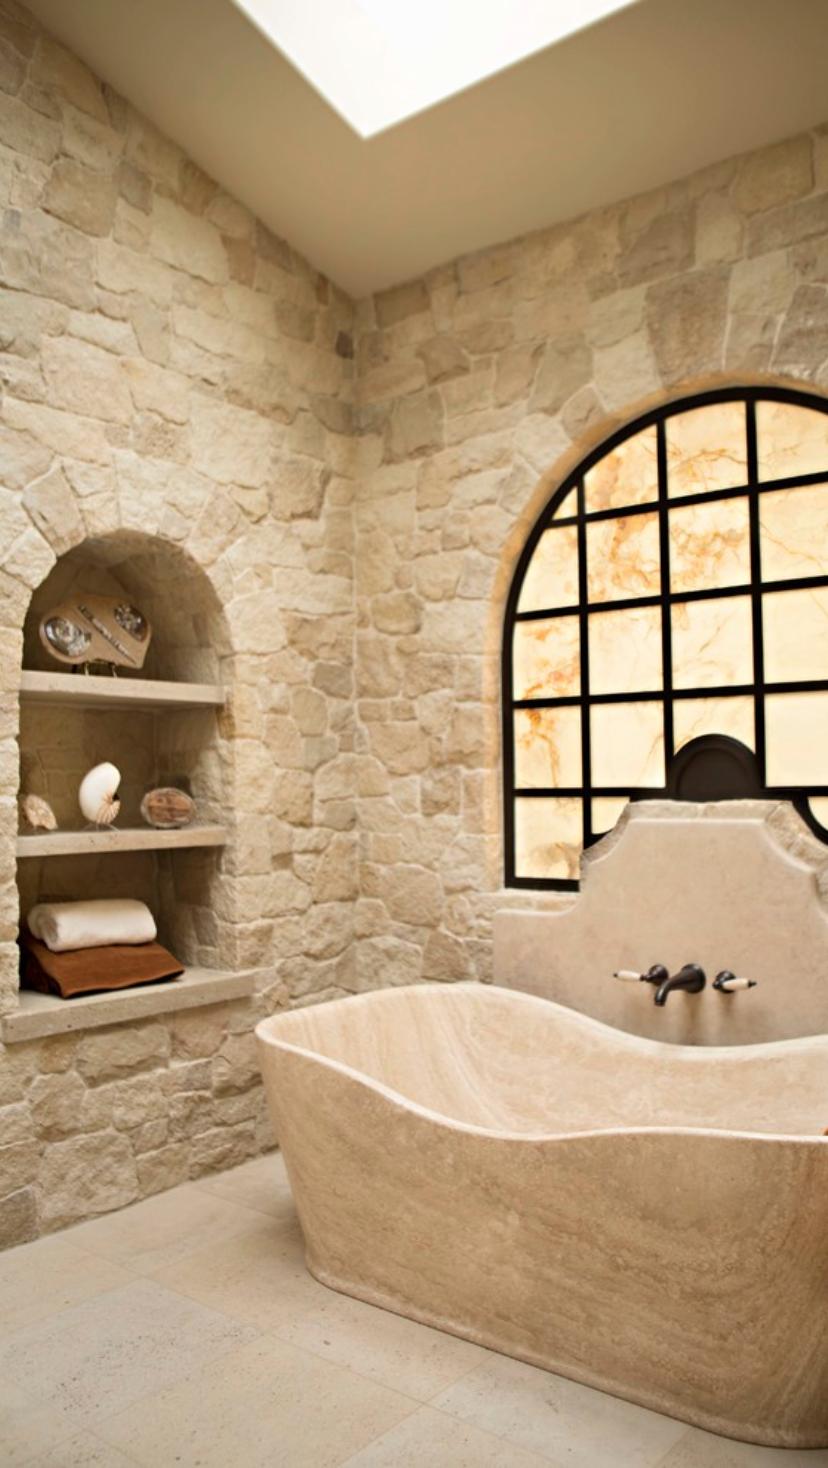 //credito.digimkts.com Obtener un buen crédito hoy. (844) 897 ... on tuscan bathroom tile designs, simple rustic bathrooms, tuscan bathroom art, tuscan-inspired bathrooms, tuscan-themed bathrooms, tuscany inspired bathrooms, southwestern rustic bathrooms, shabby chic rustic bathrooms, country rustic bathrooms, modern rustic bathrooms, luxury rustic bathrooms, coastal rustic bathrooms, mediterranean rustic bathrooms, trim beadboard in bathrooms, contemporary rustic bathrooms, white rustic bathrooms, small rustic bathrooms, old world rustic bathrooms, natural rustic bathrooms, vintage rustic bathrooms,